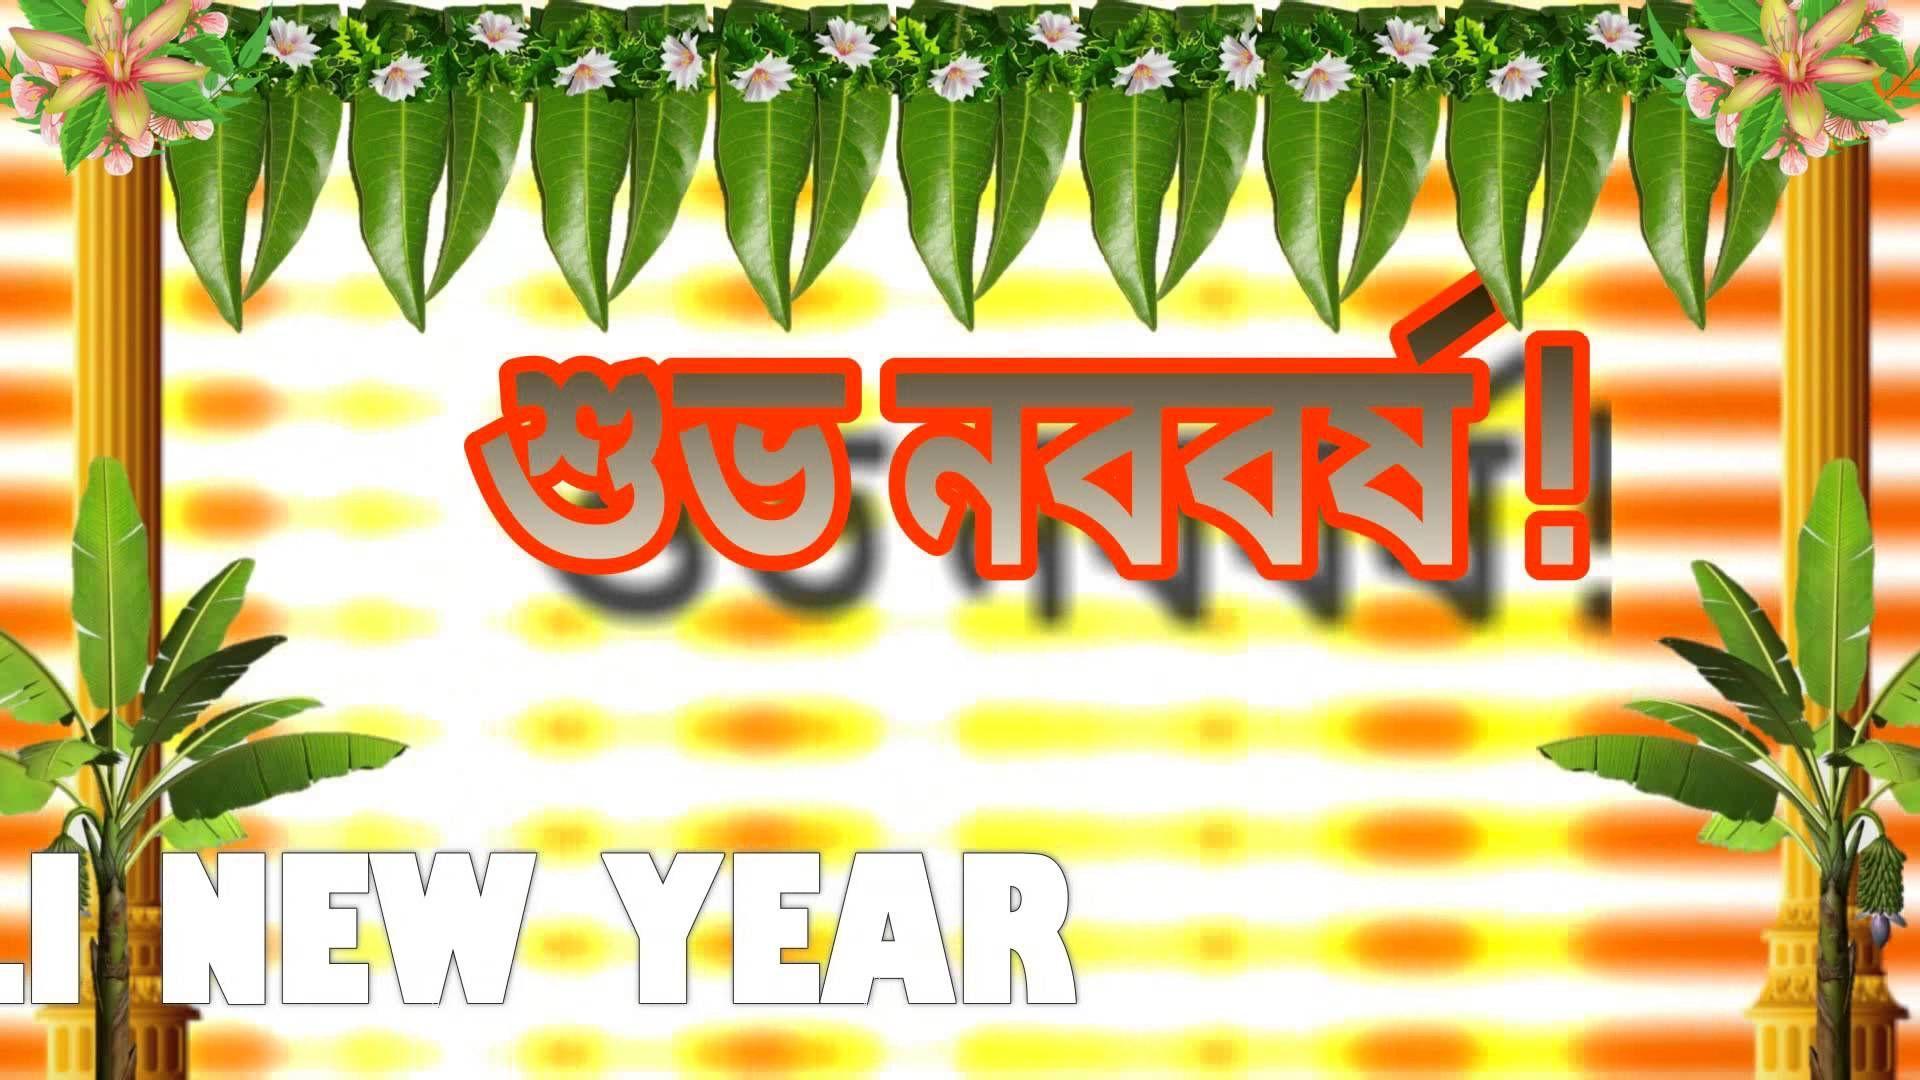 Happy bengali new year 2016 noboborsho poila baisakh greetings happy bengali new year 2016 noboborsho poila baisakh greetings poila m4hsunfo